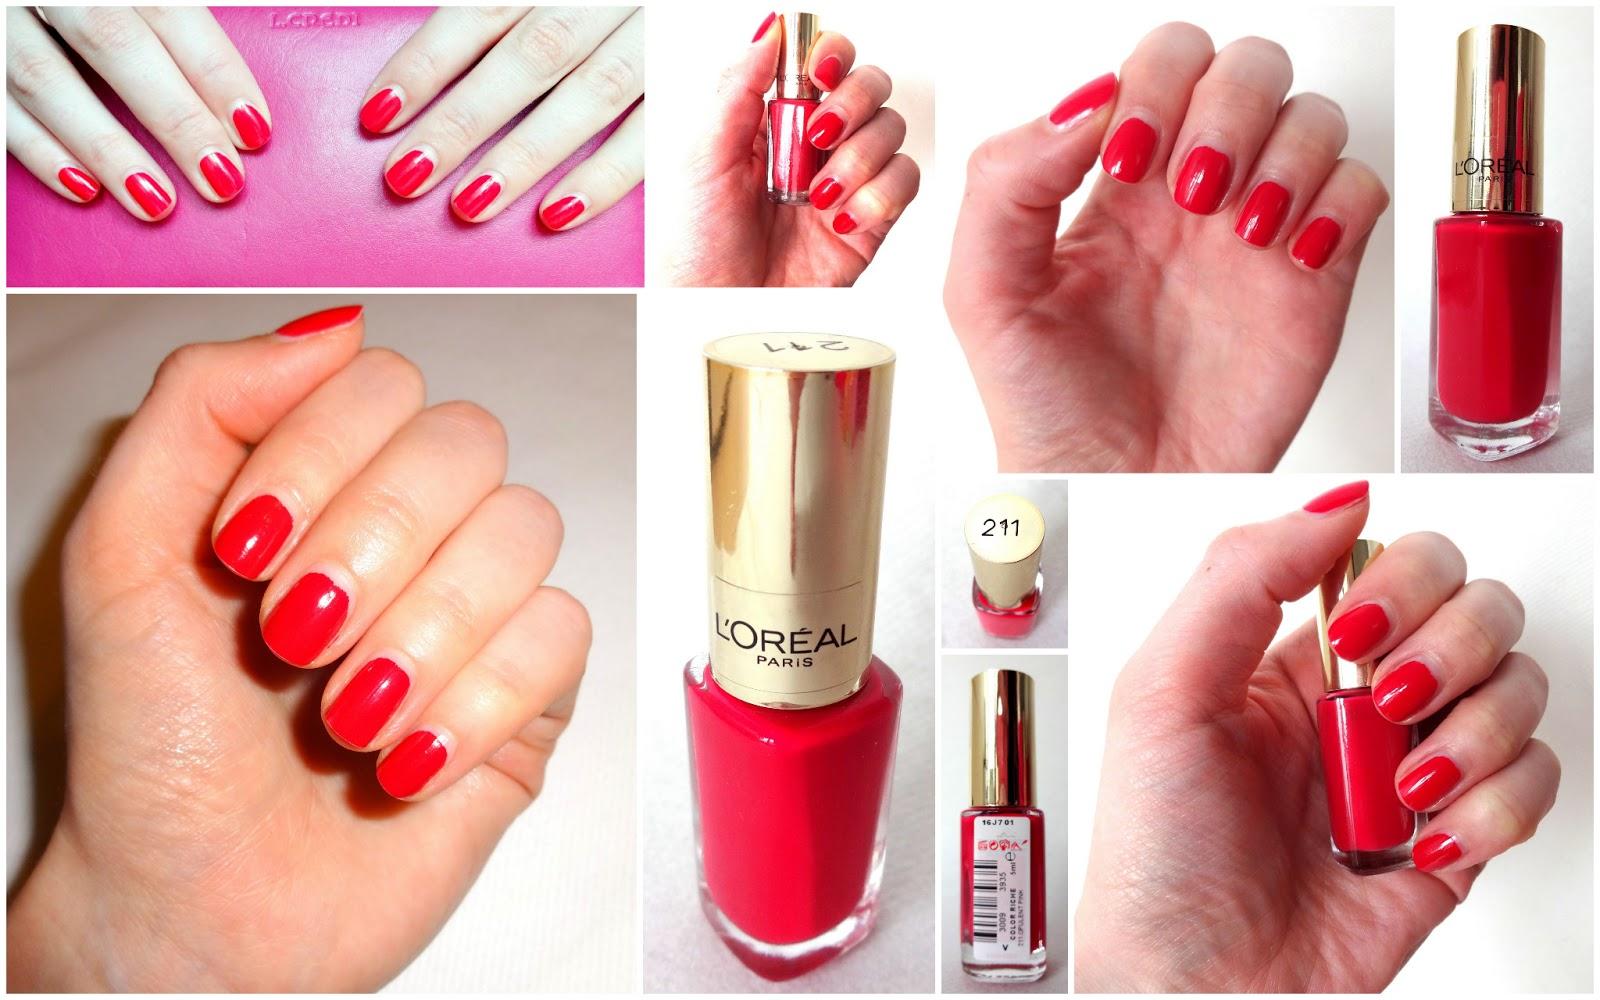 L'Oréal Color Riche Le Vernis 211 Opulent Pink